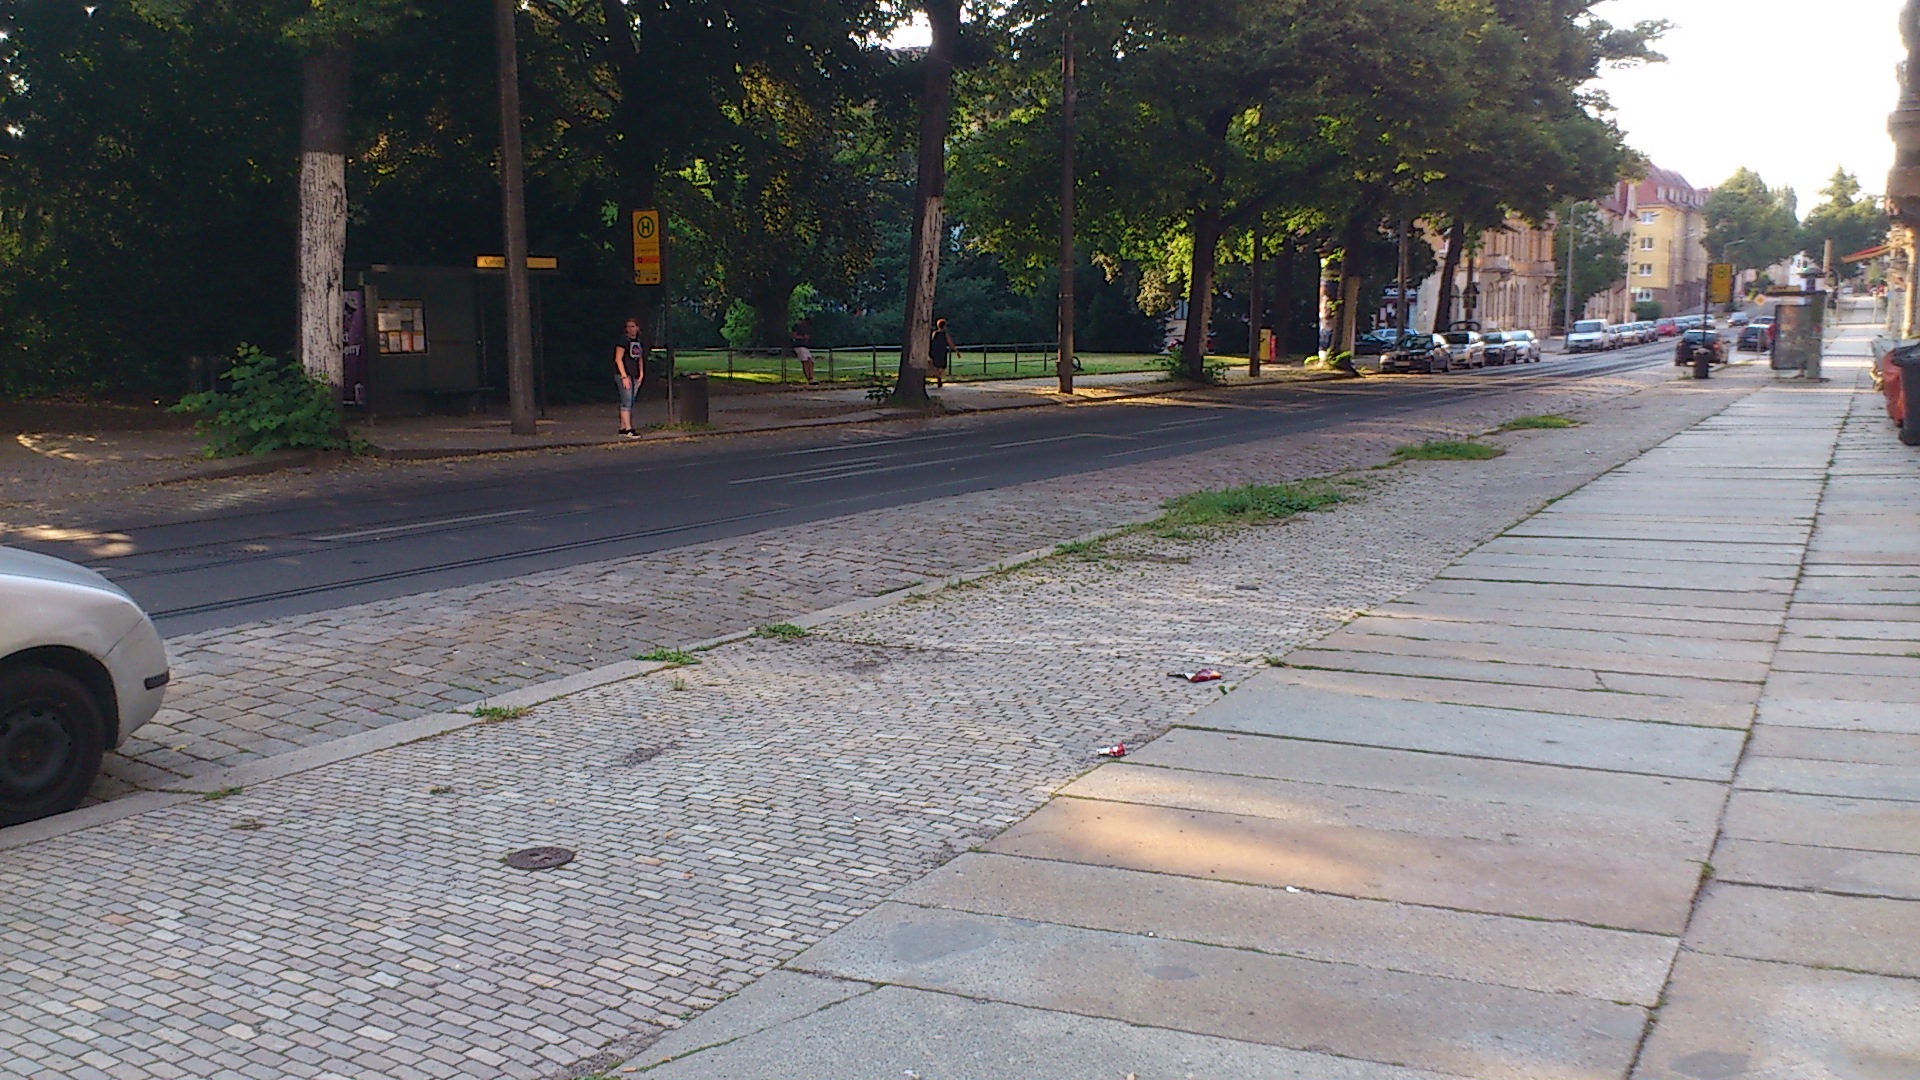 Vollsperrung! Erster Bauabschnitt auf der Rudolf-Renner-Straße startet im September 2013